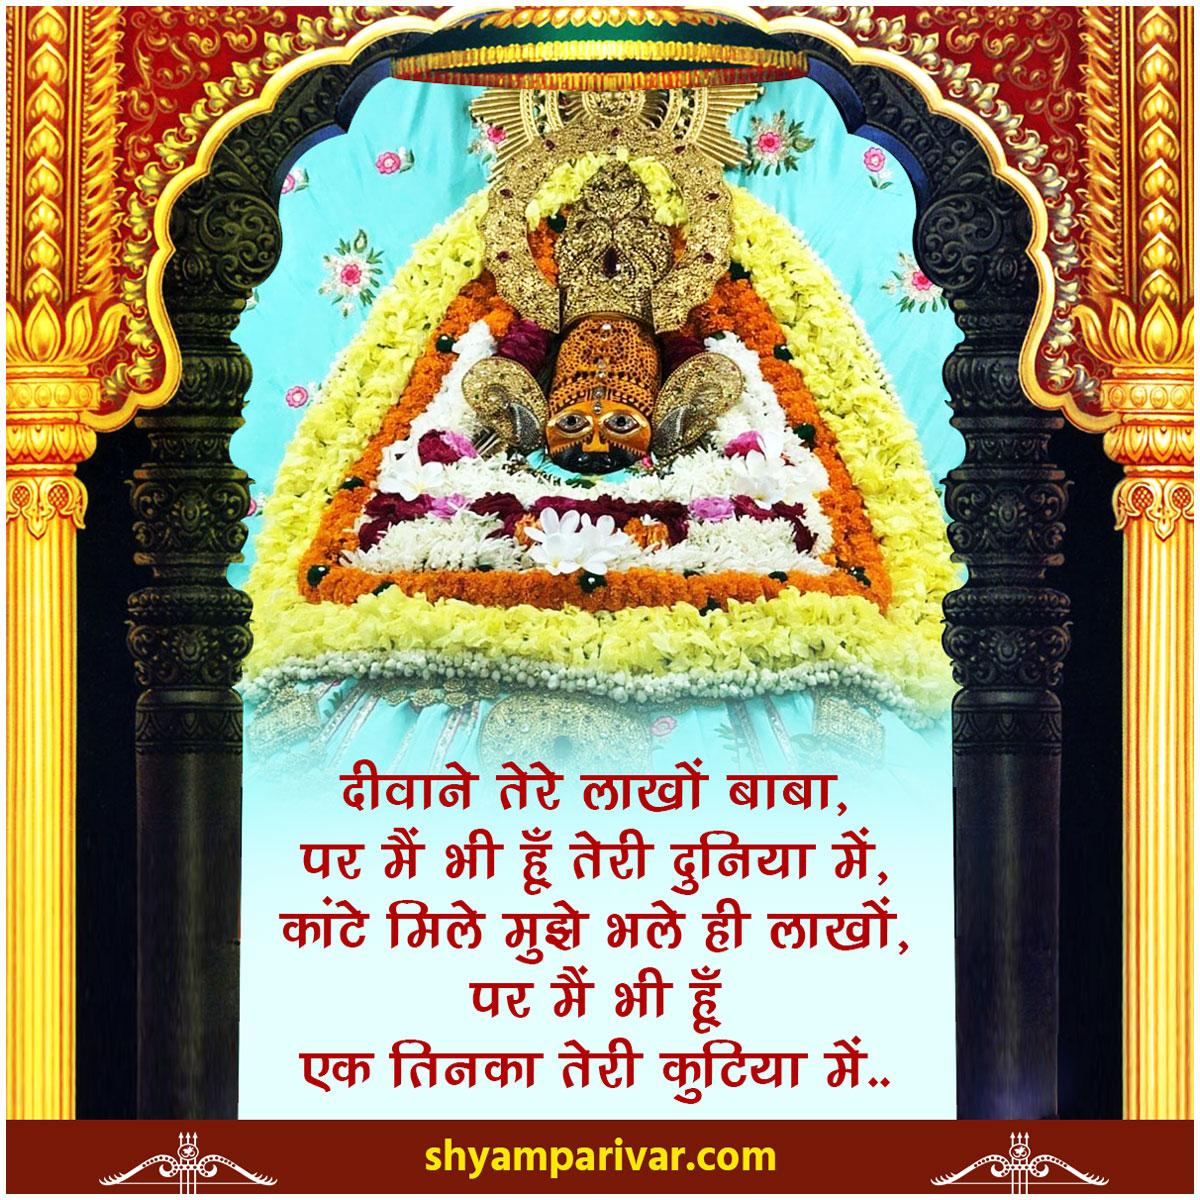 Khatu shyam ji photo with quote